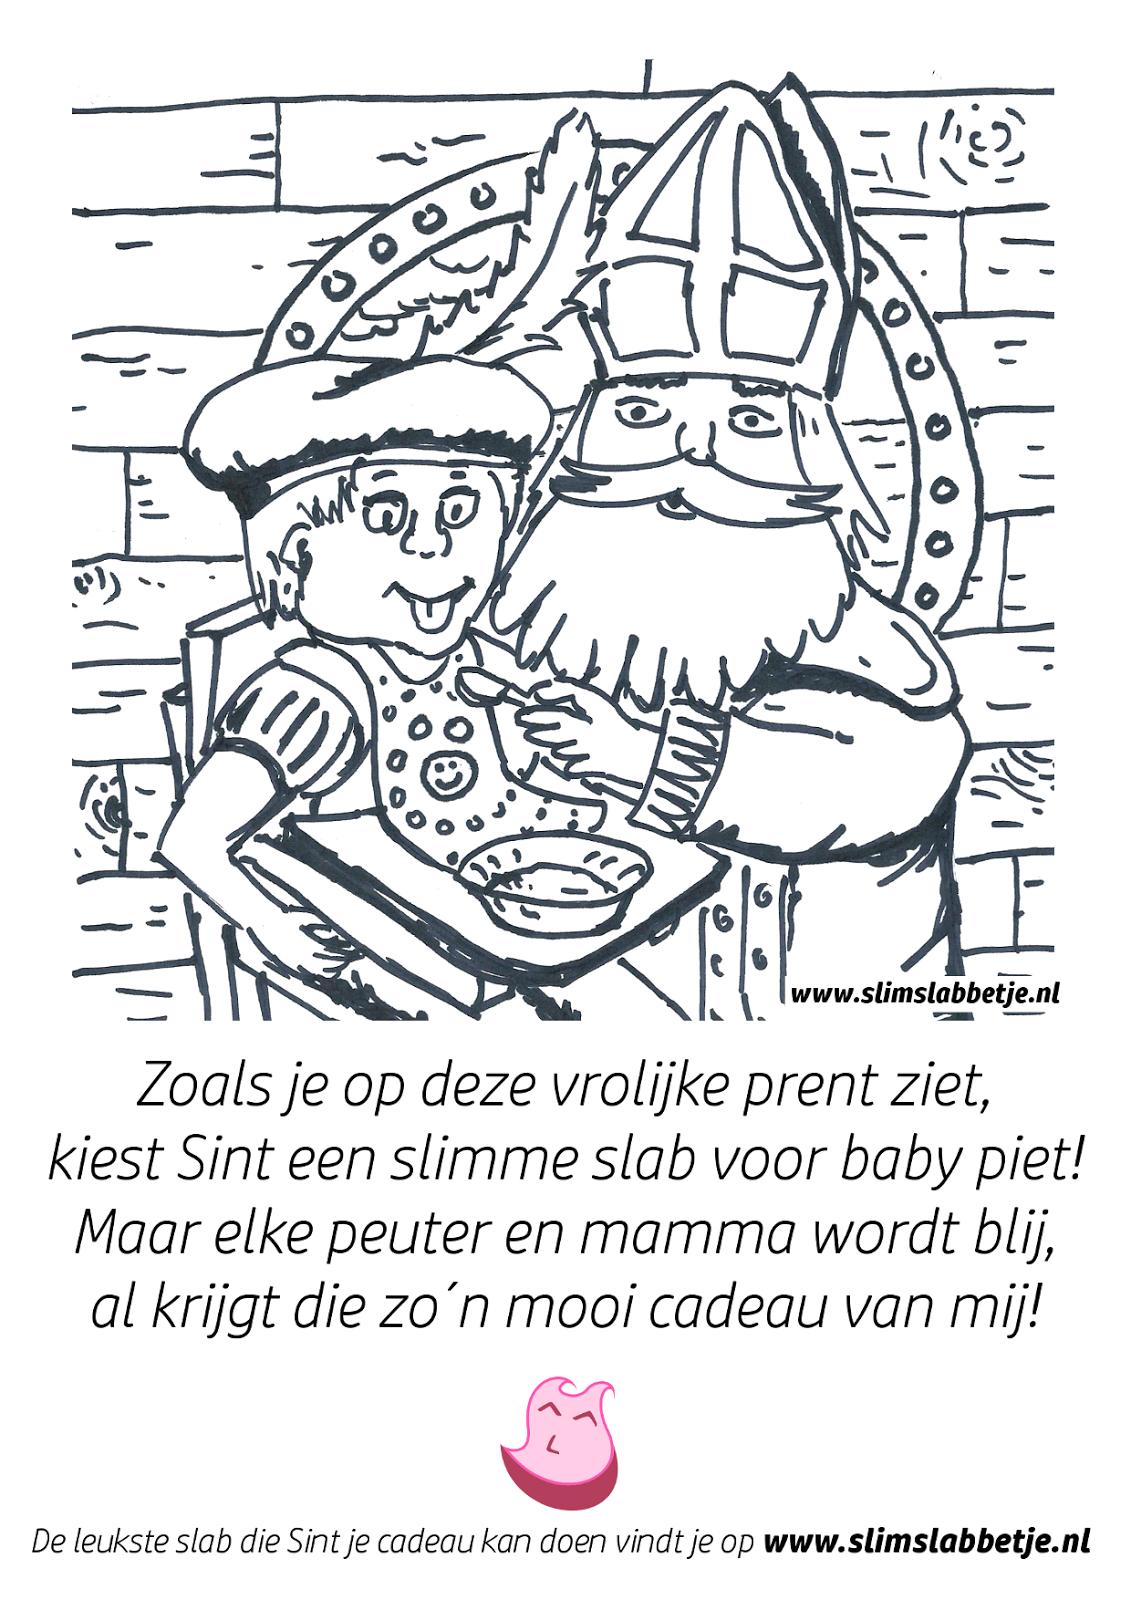 Kleurplaten Sinterklaas Babypiet.Slim Slabbetje Blog Een Slab Als Sinterklaas Cadeau En Een Leuke